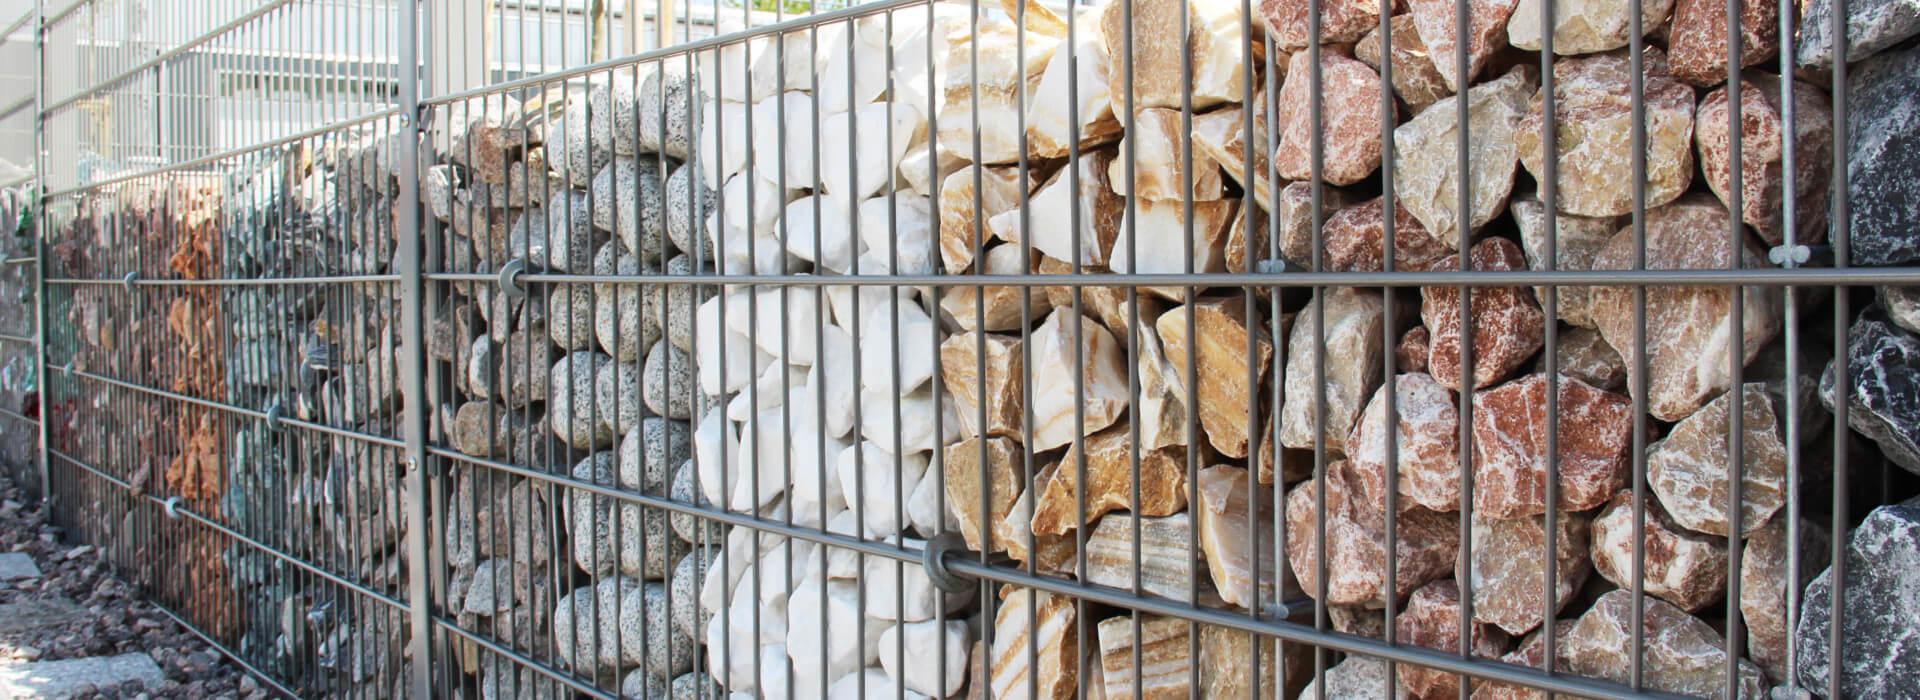 Steine für Gabionen Zaunausstellung